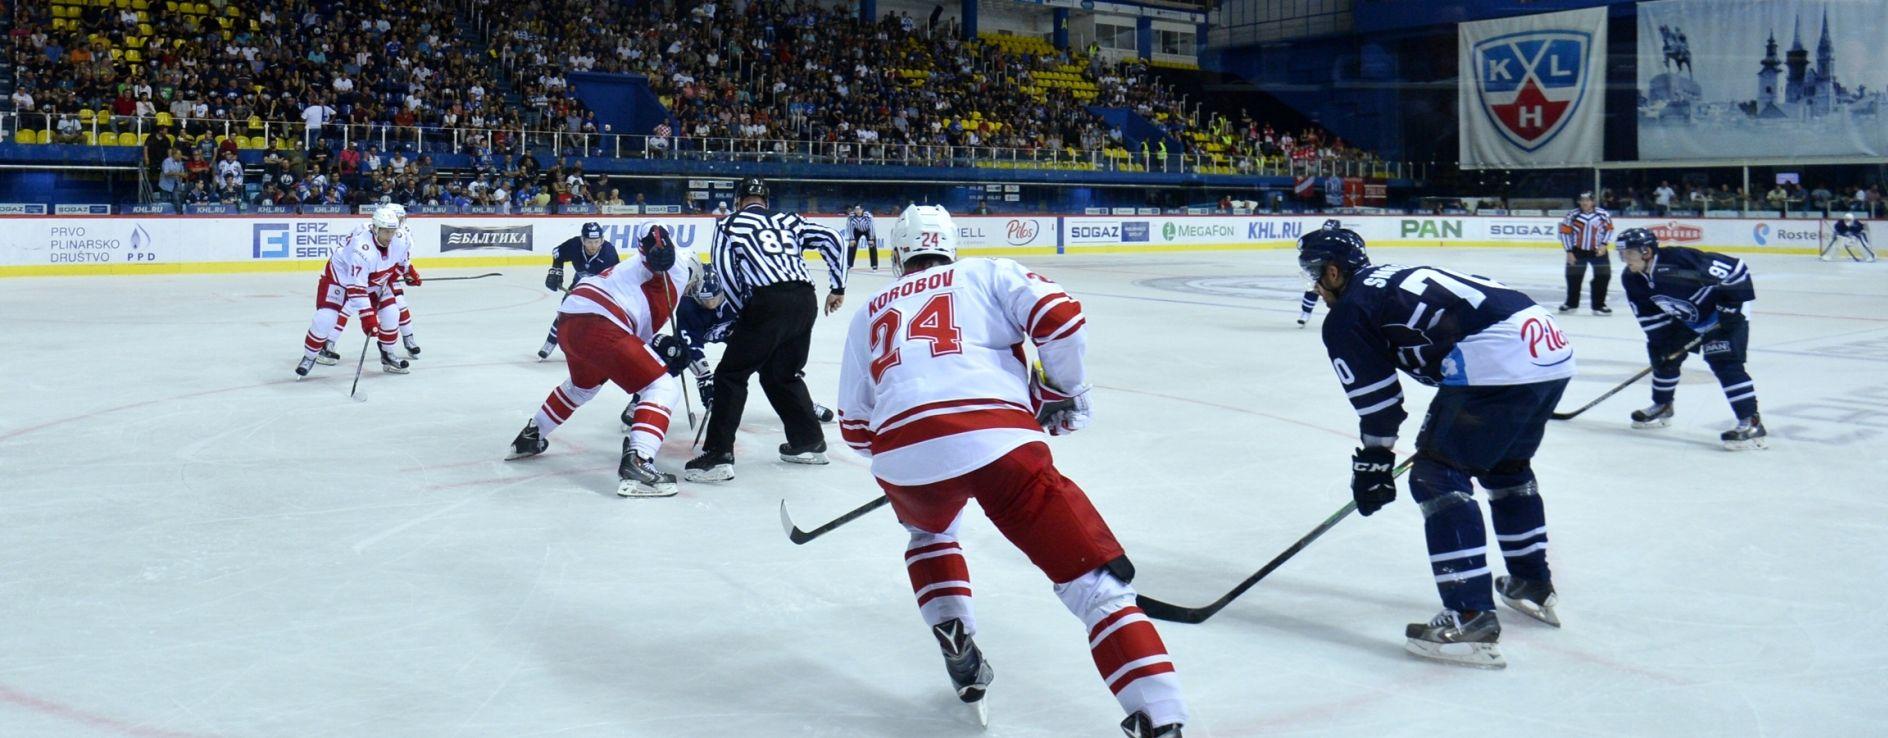 NIKAD TEŽI PORAZ U KHL Spartak deklasirao Medveščak u Ledenoj – 1:7